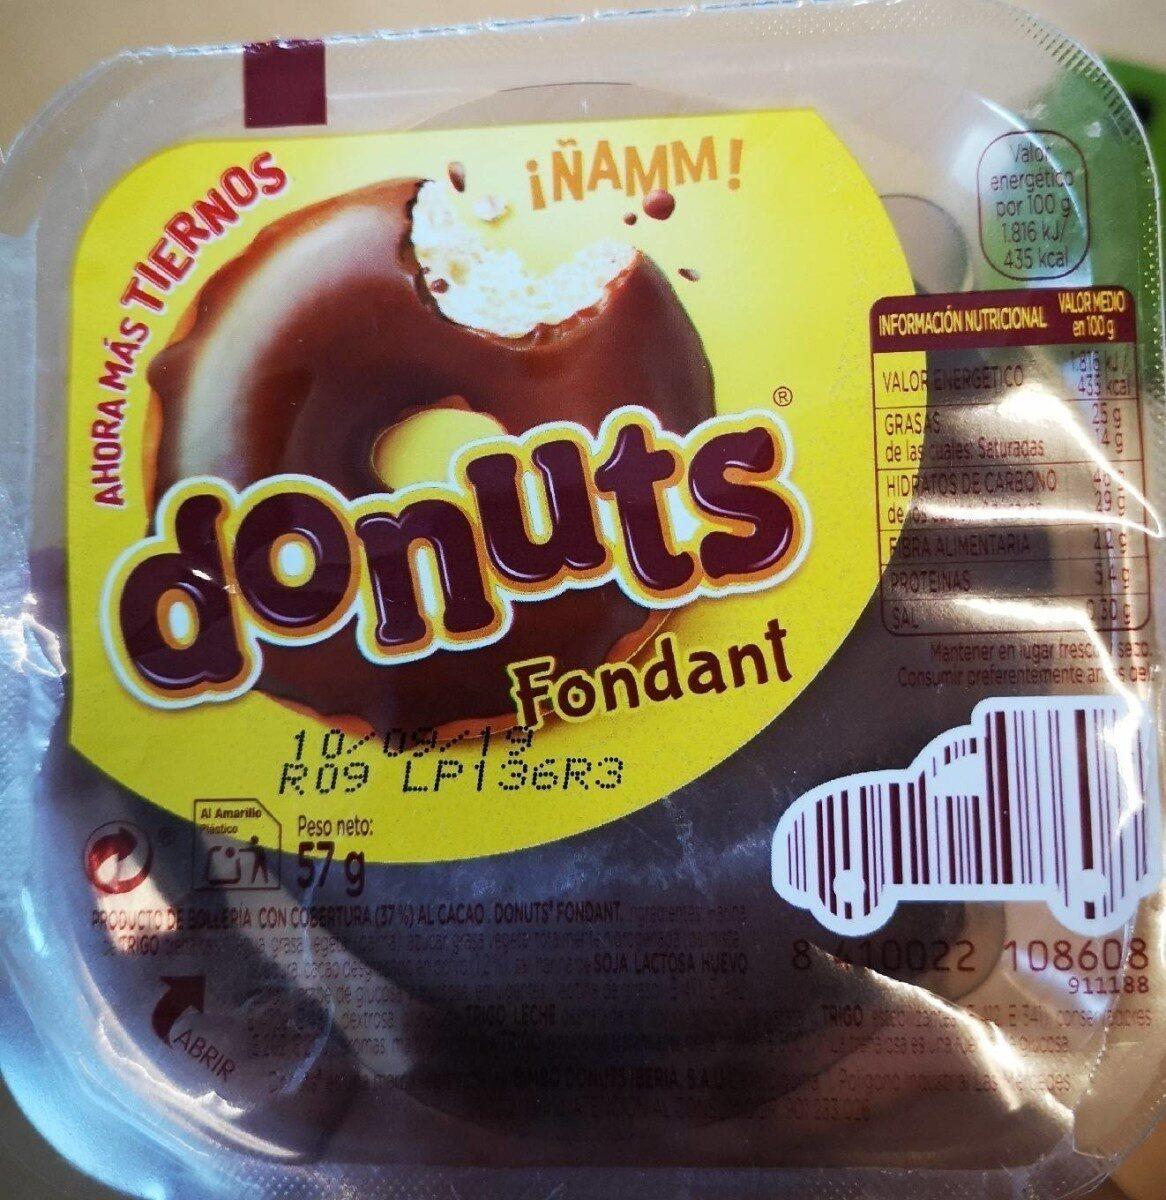 Donuts fondant - Producte - es